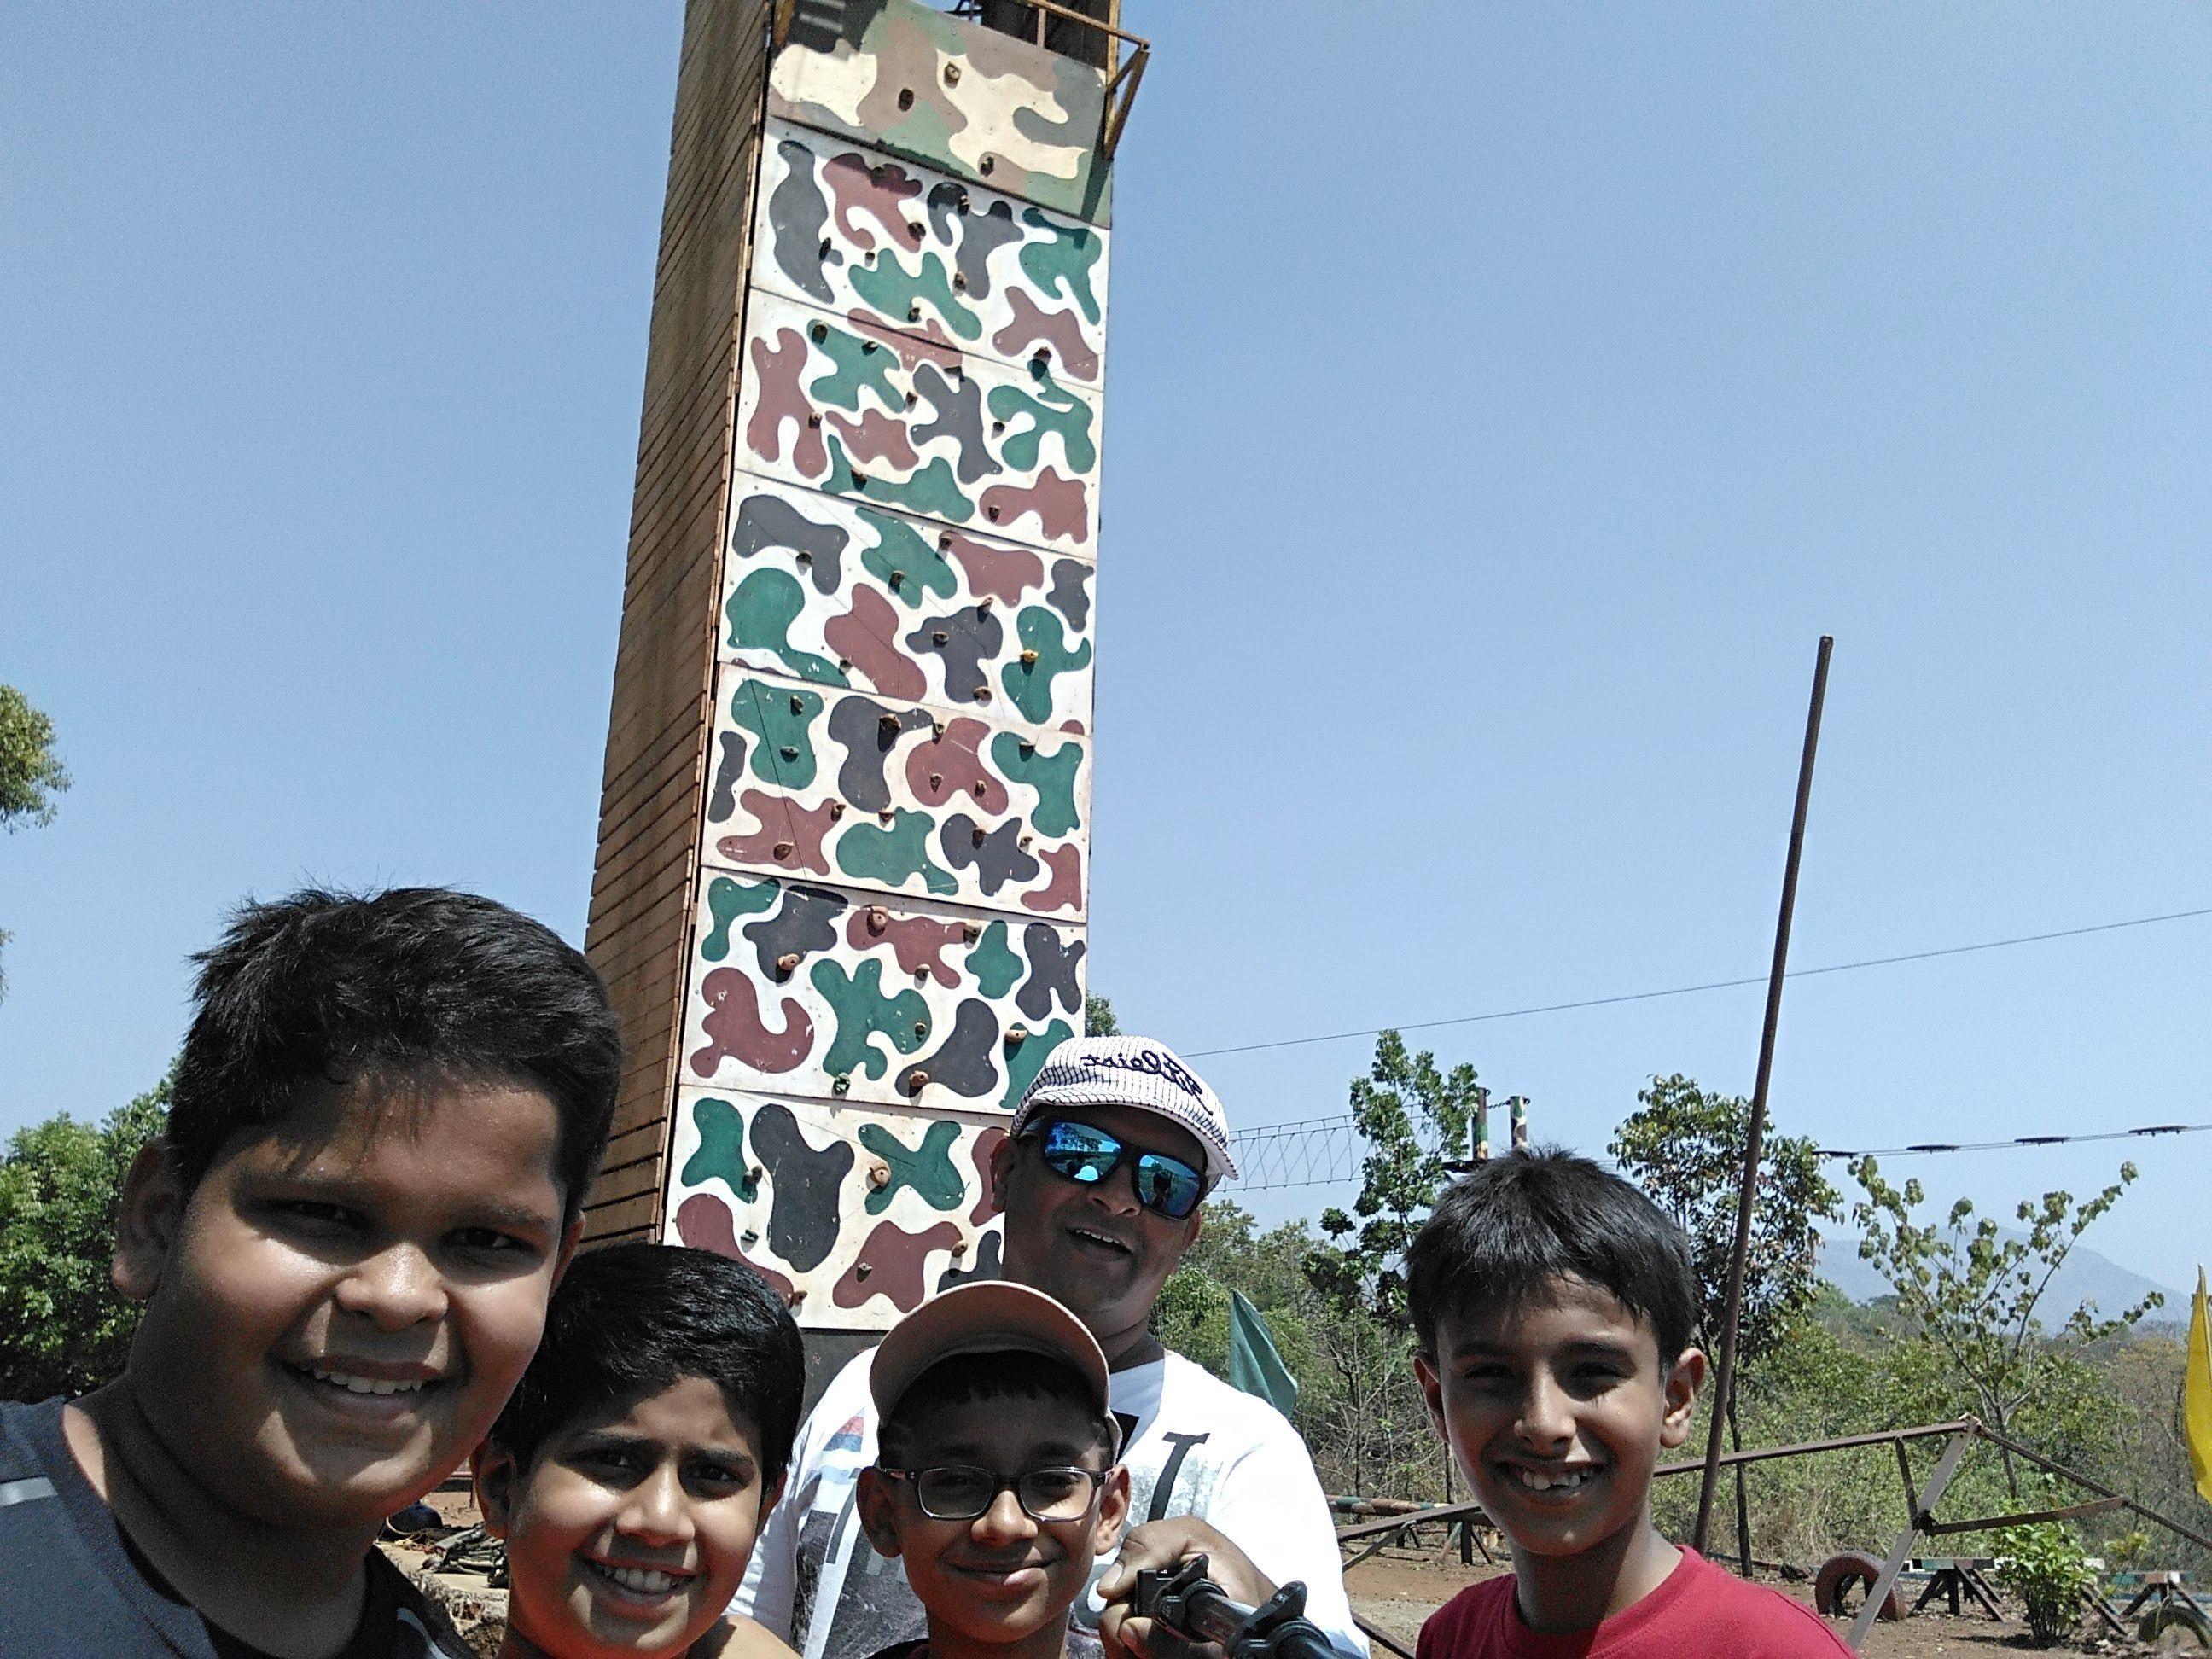 Pin on Adventure activity set up in mumbai